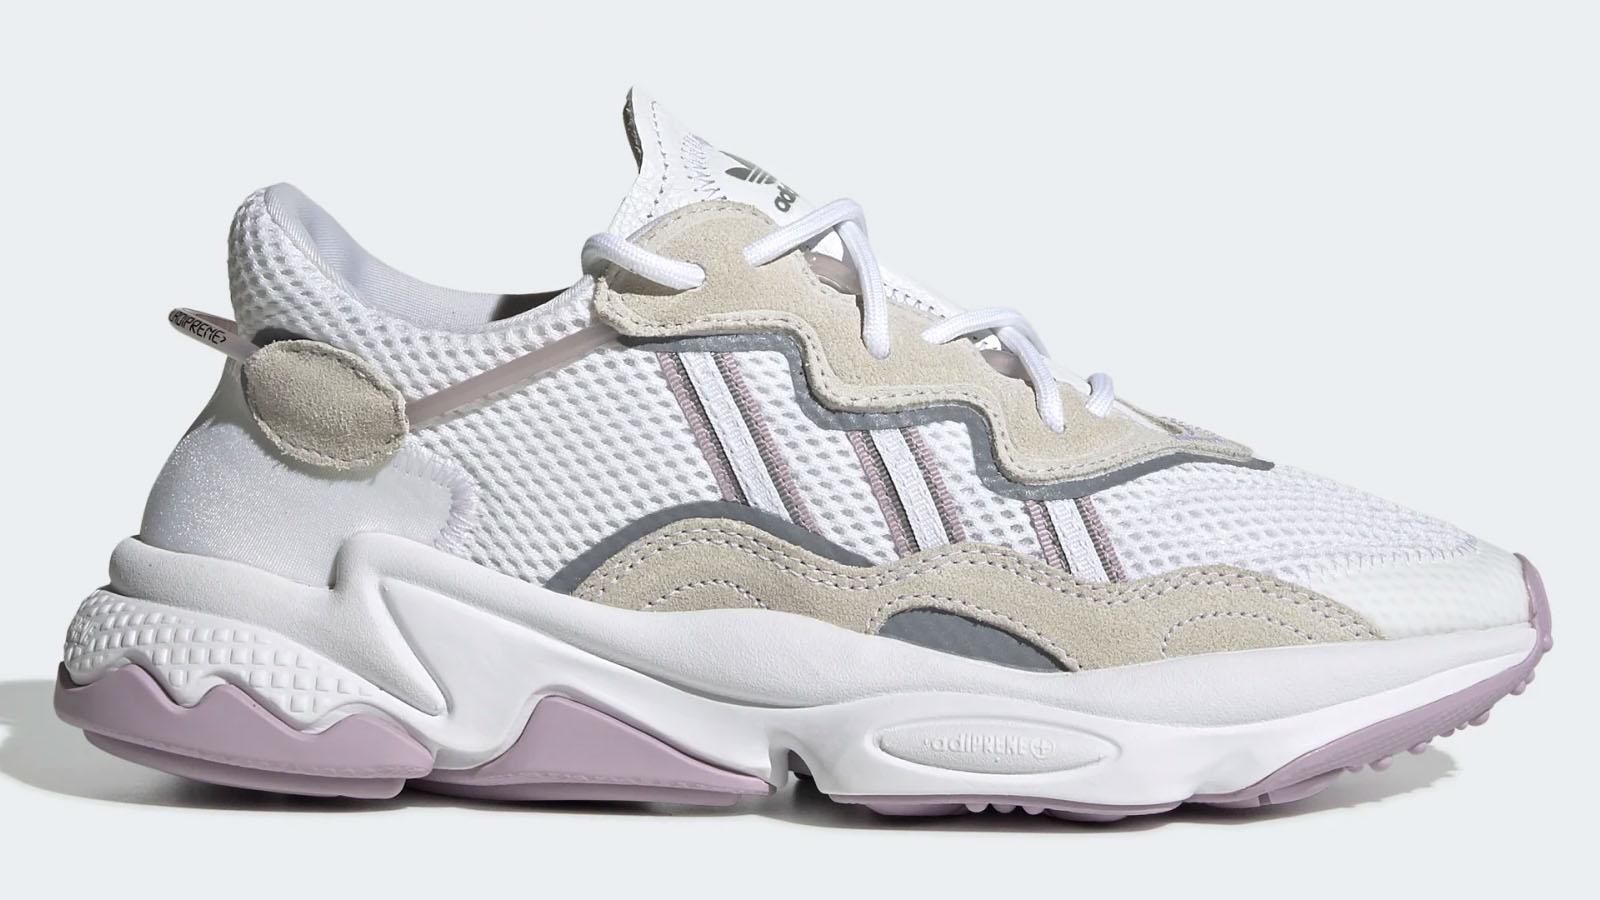 adidas ozweego pink white